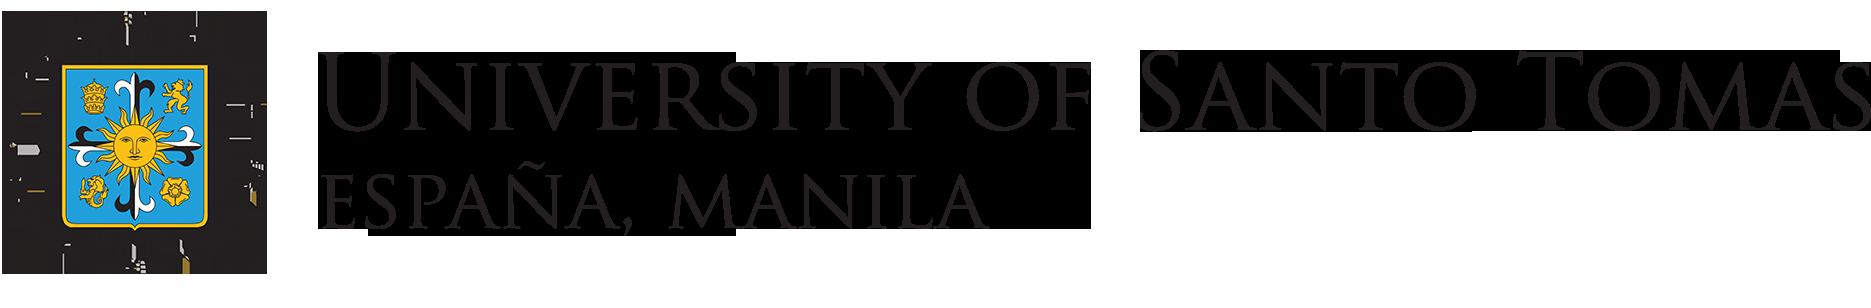 UST logo